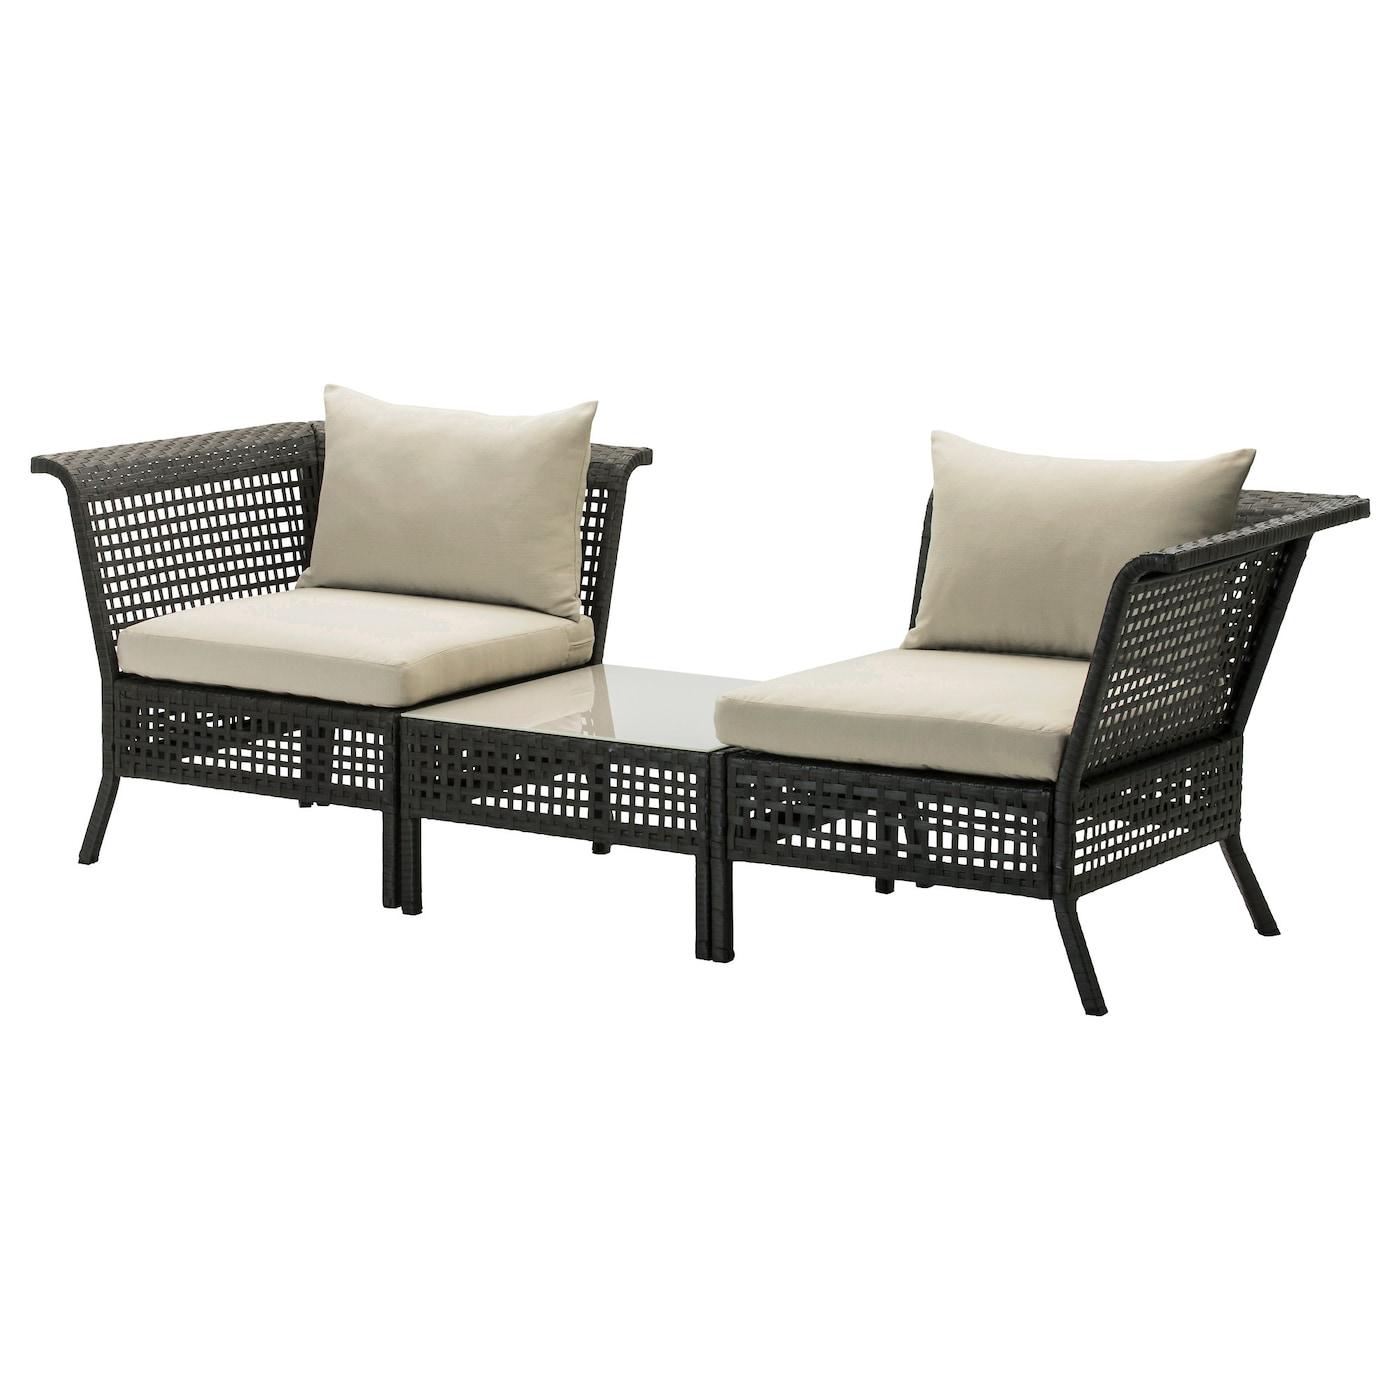 gartenm bel set ikea. Black Bedroom Furniture Sets. Home Design Ideas